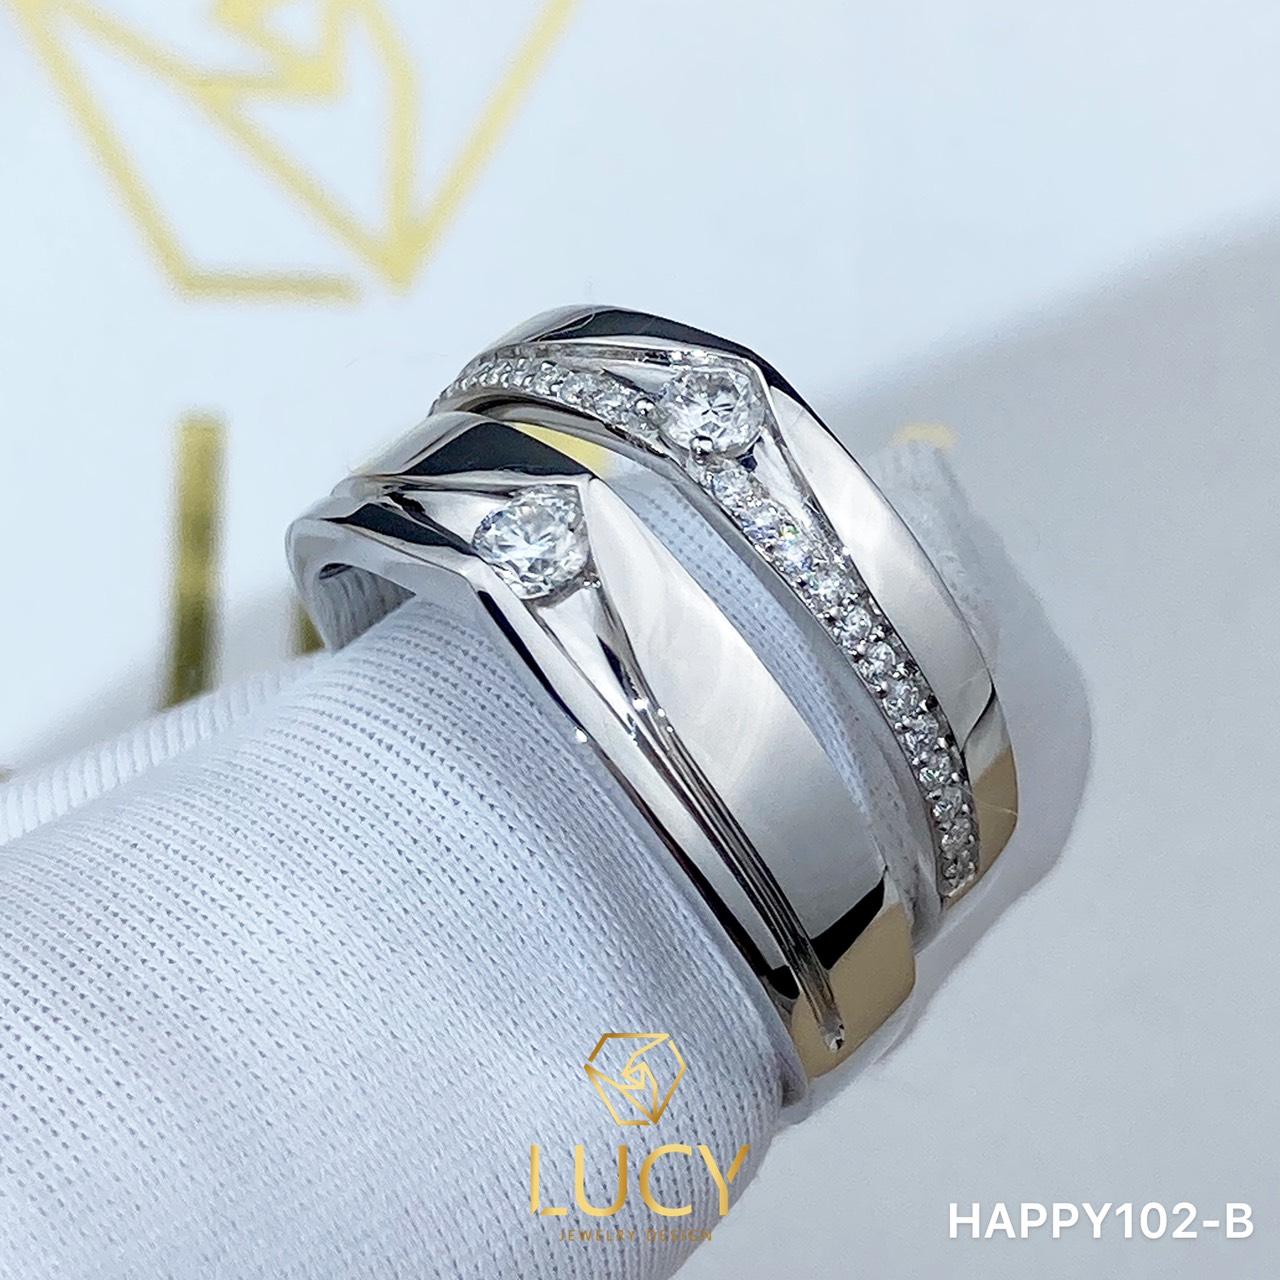 HAPPY102-B_PT Nhẫn cưới bạch kim cao cấp Platinum 90% PT900 - Lucy Jewelry